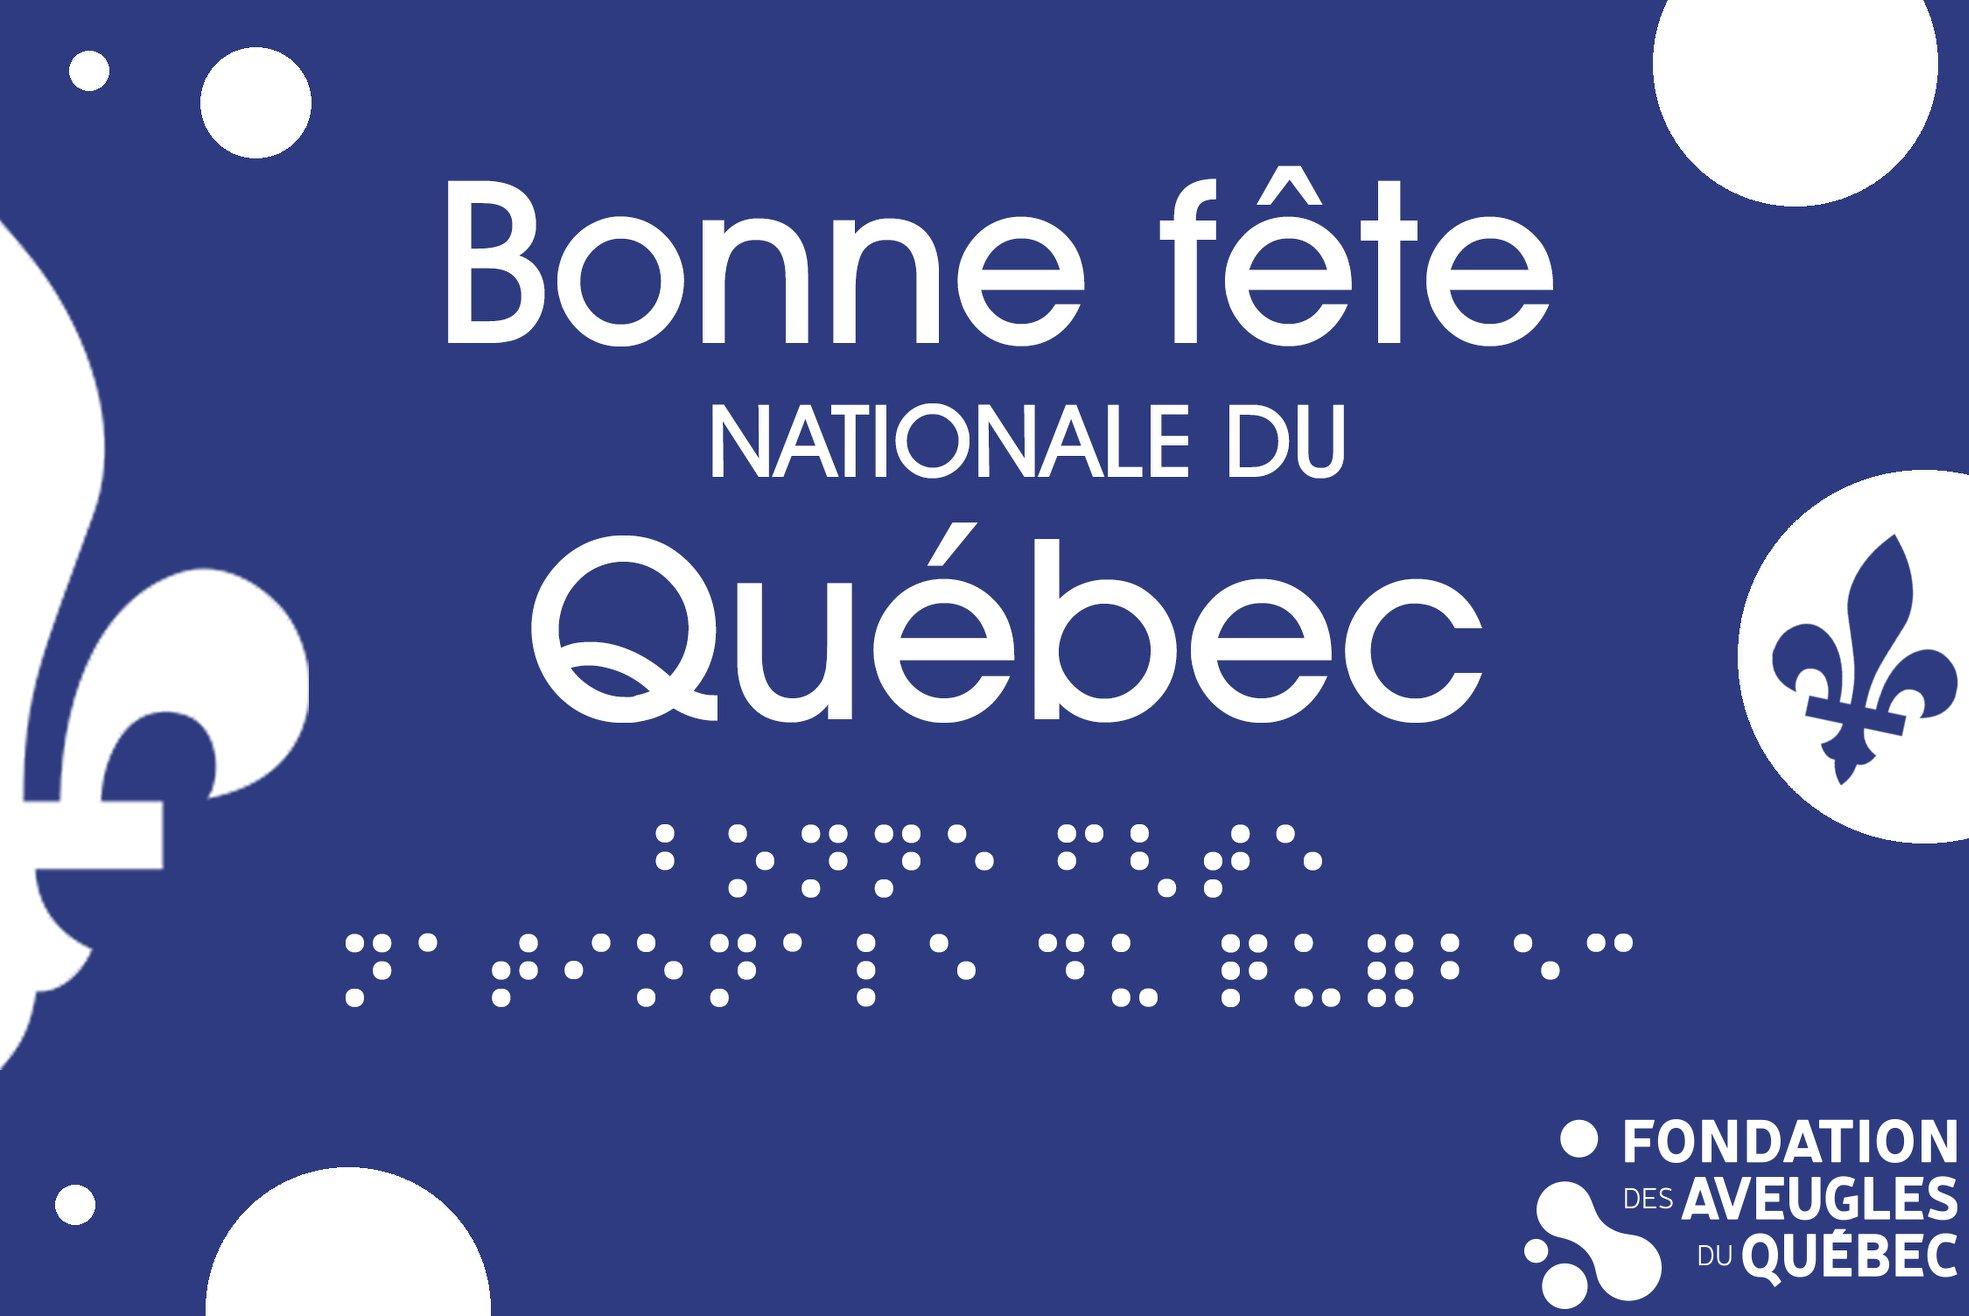 Le texte « Bonne fête nationale du Québec » en blanc est inscrit sur un fond bleu en lettres moulées et en braille. Des cercles blancs ainsi que des fleurs de lys décorent l'image. Dans le coin inférieur droit, le logo de la FAQ ainsi que le texte « Fondation des Aveugles du Québec » est inscrit en blanc.